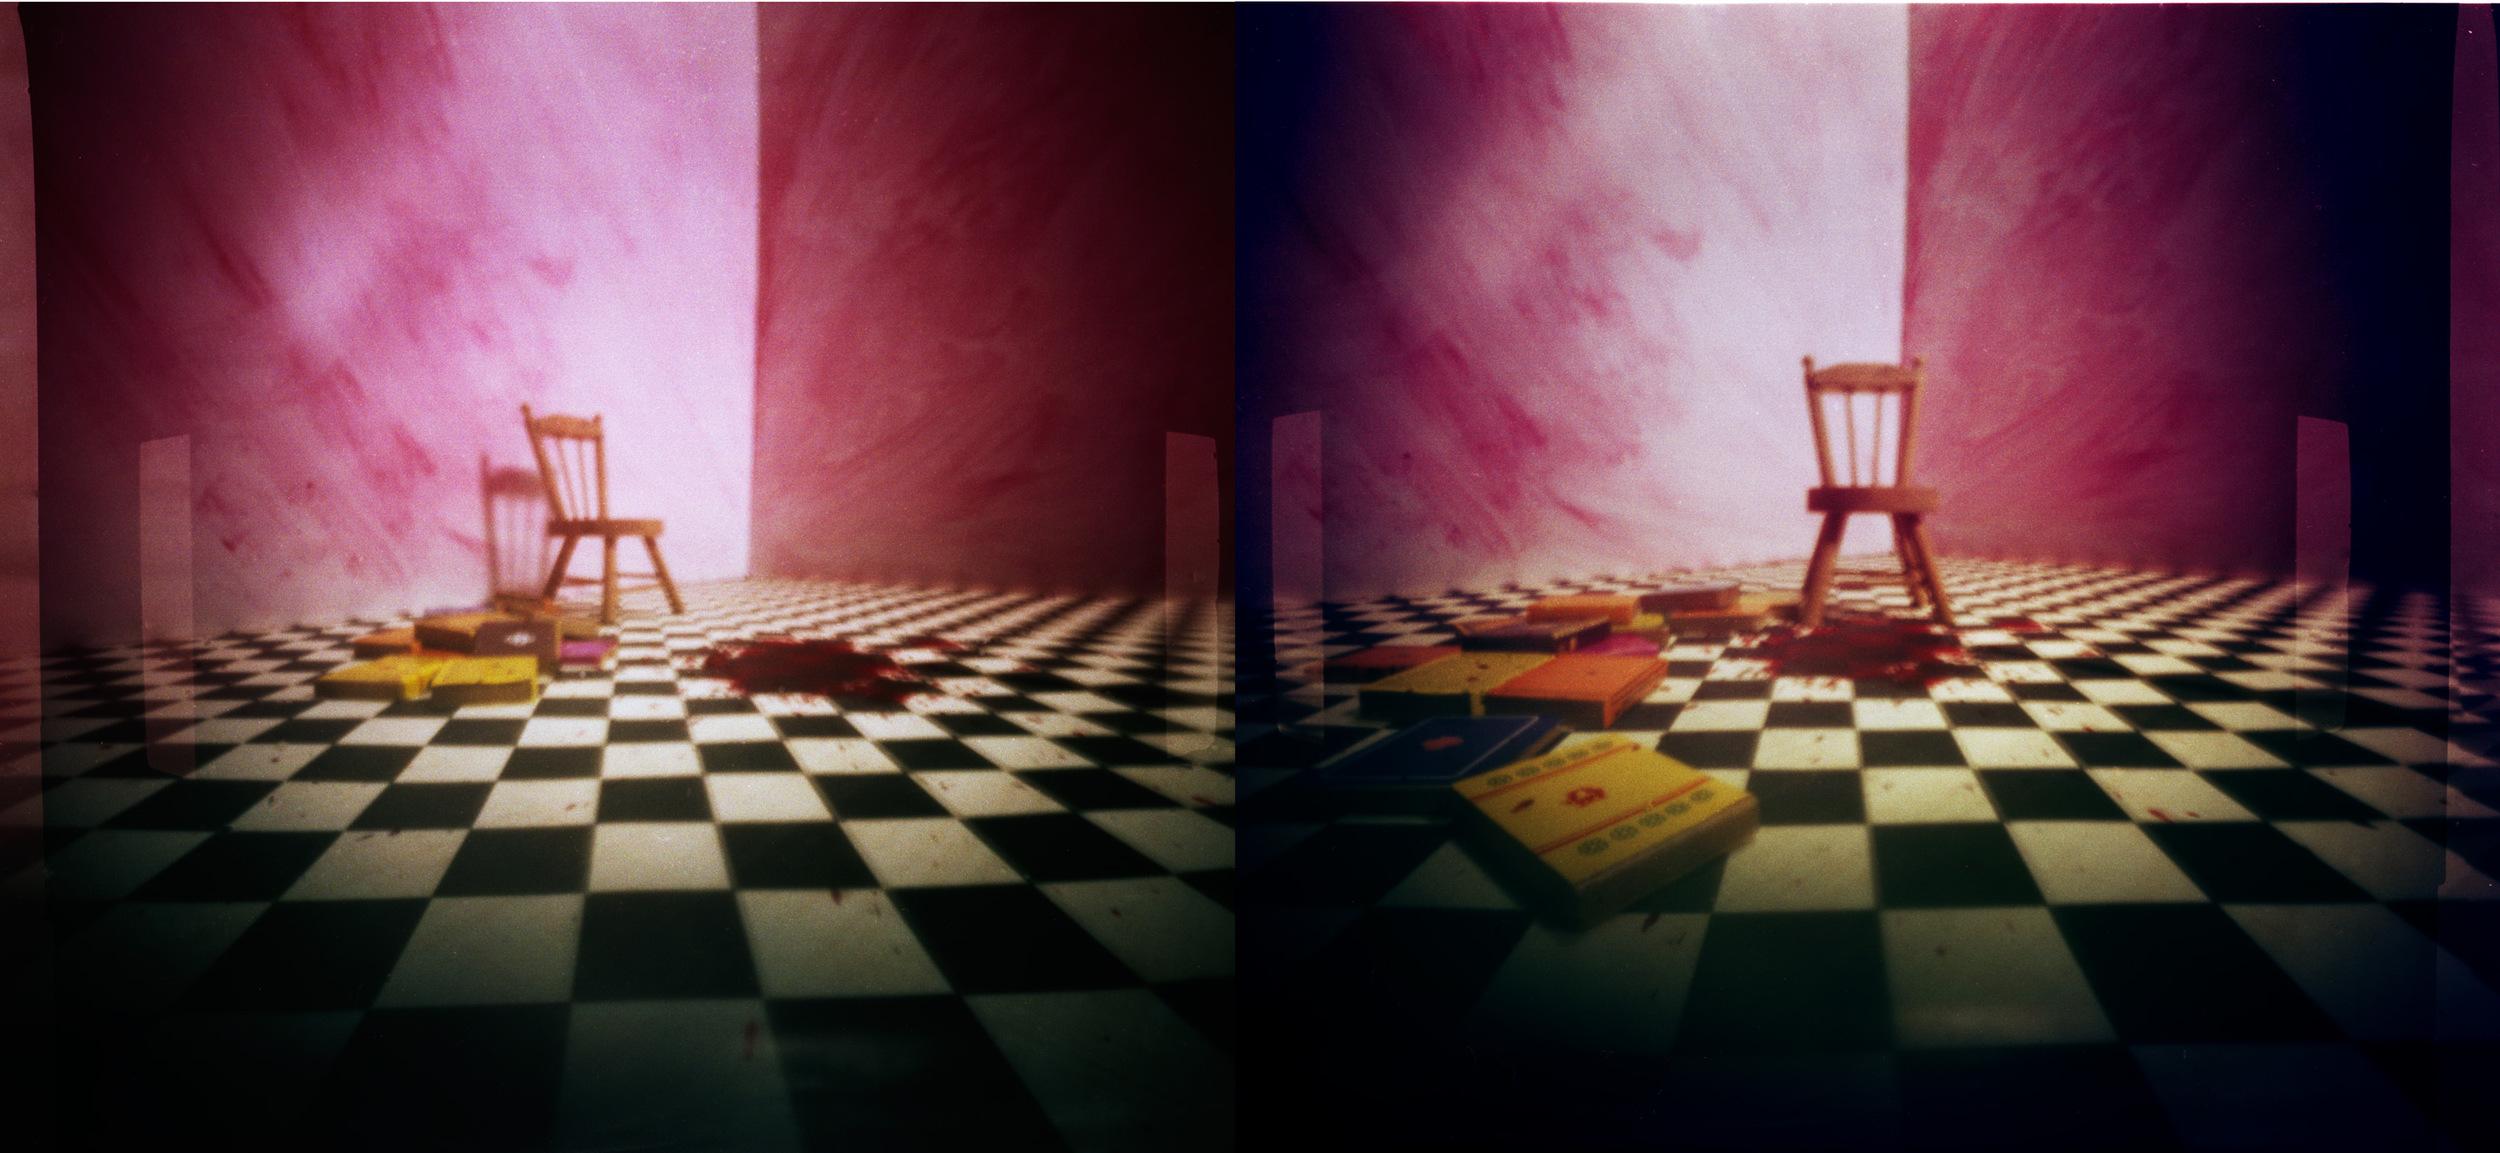 fairytalefinal2.jpg